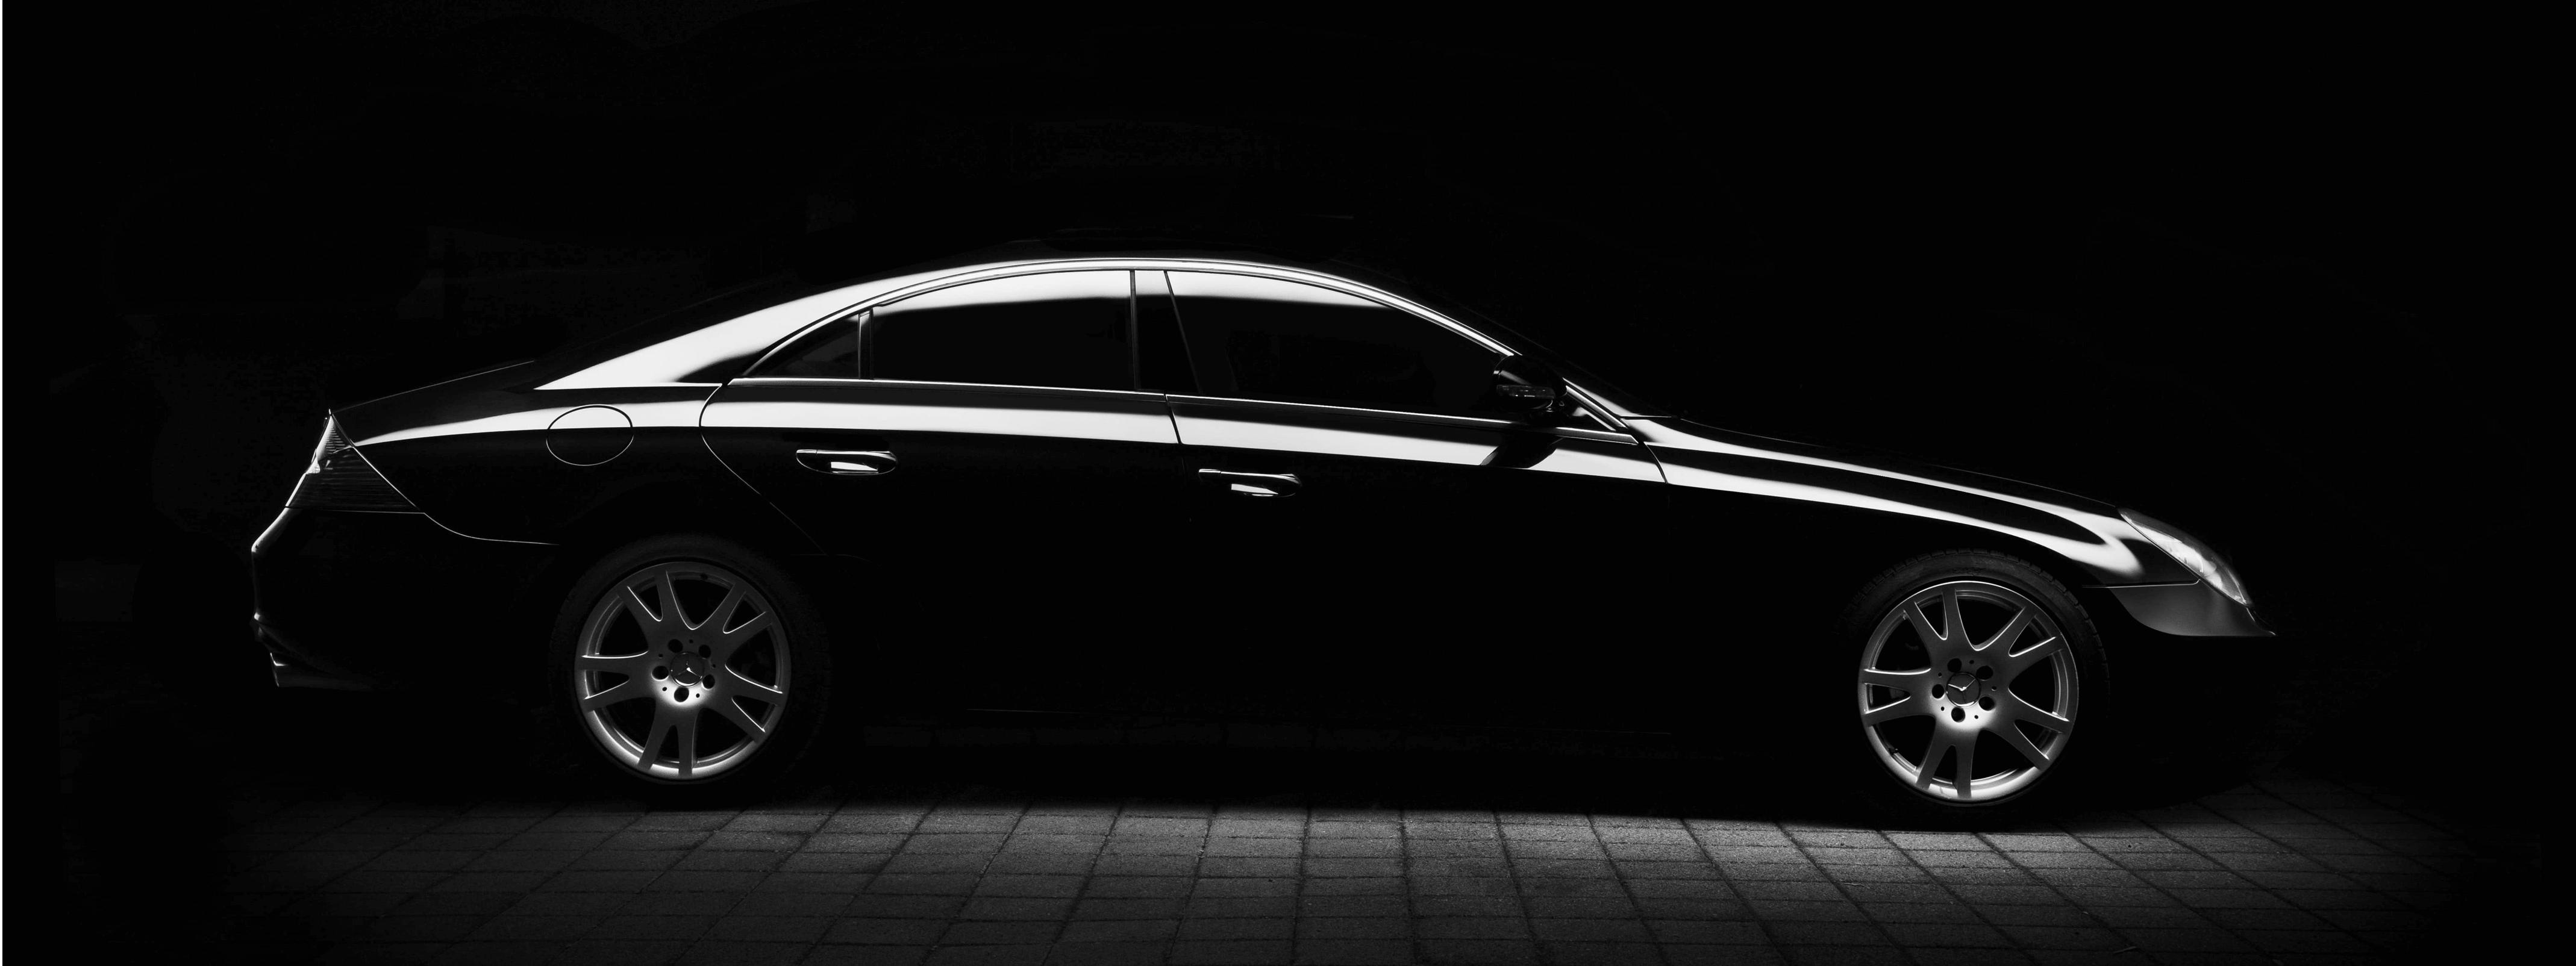 Mercedes Benz garage in Bristol, UK